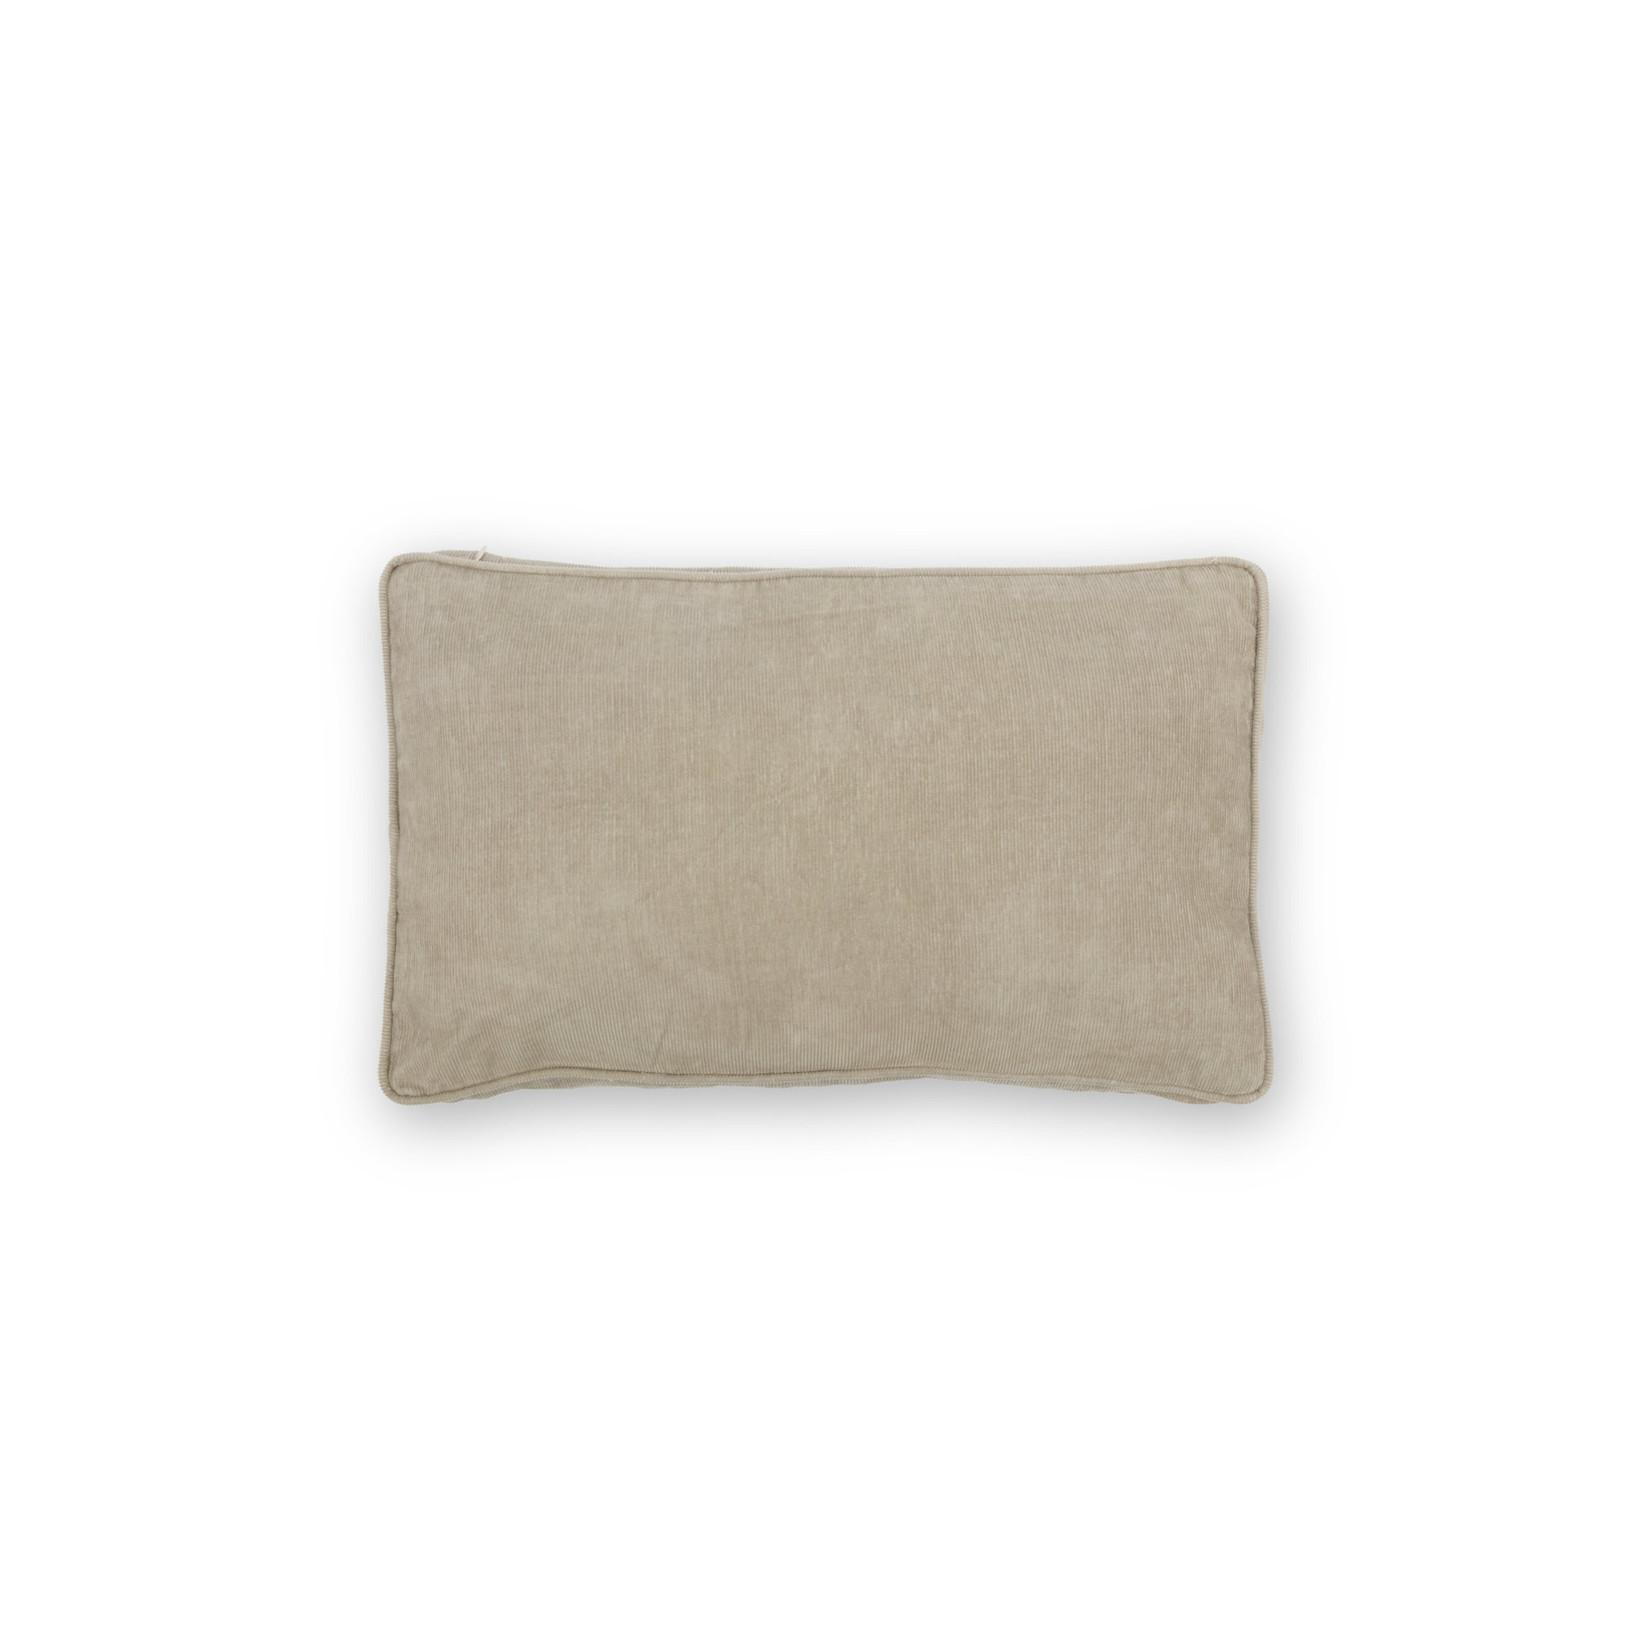 vtwonen Vtwonen   Cushion Rib Cord with Piping Warm Grey 30x50cm